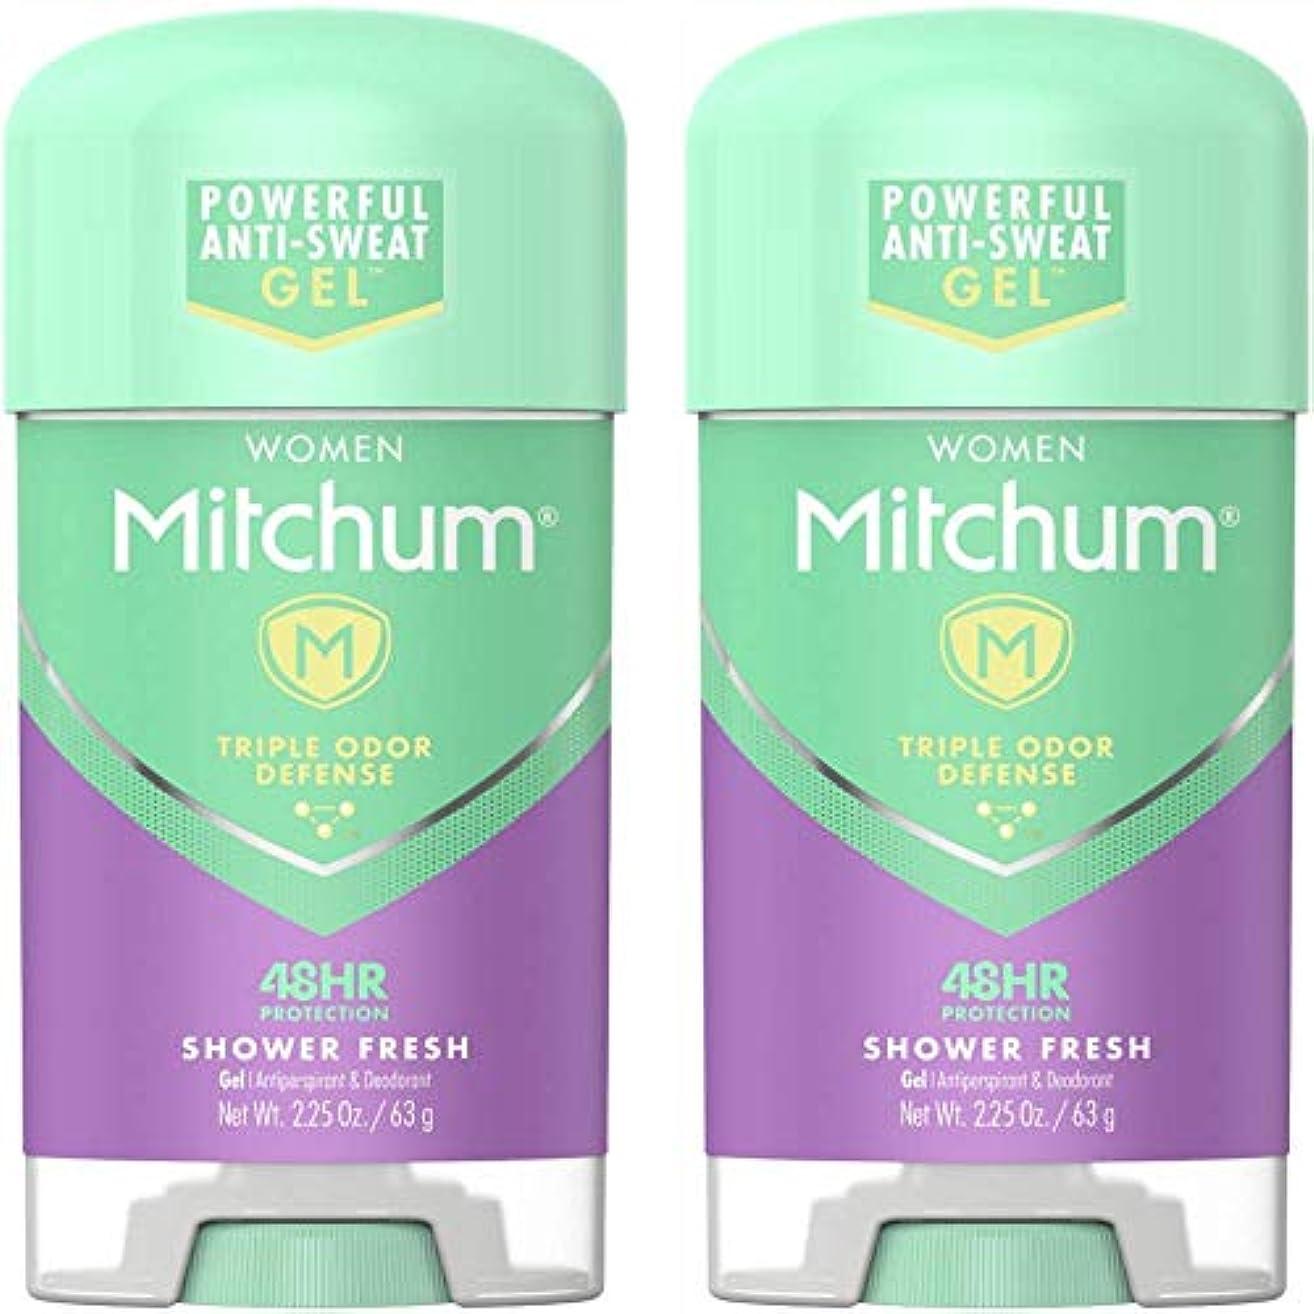 かけがえのないエイリアスミネラルMitchum Power Gel Shower Fresh